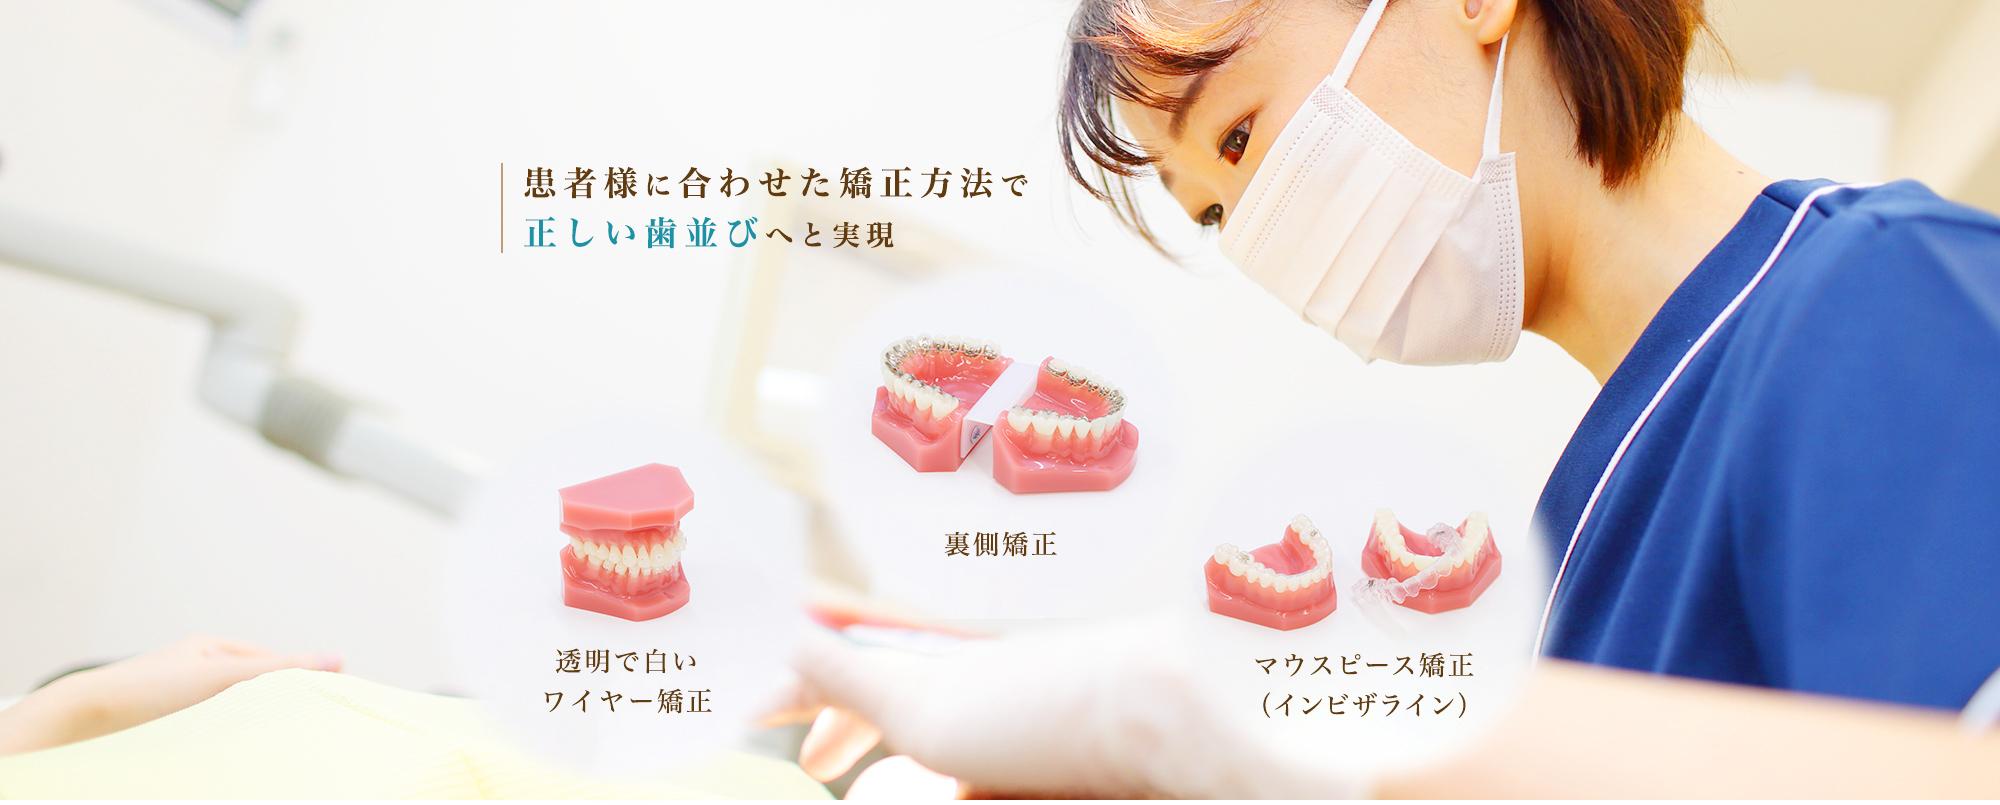 患者様に合わせた矯正方法で正しい歯並びへと実現